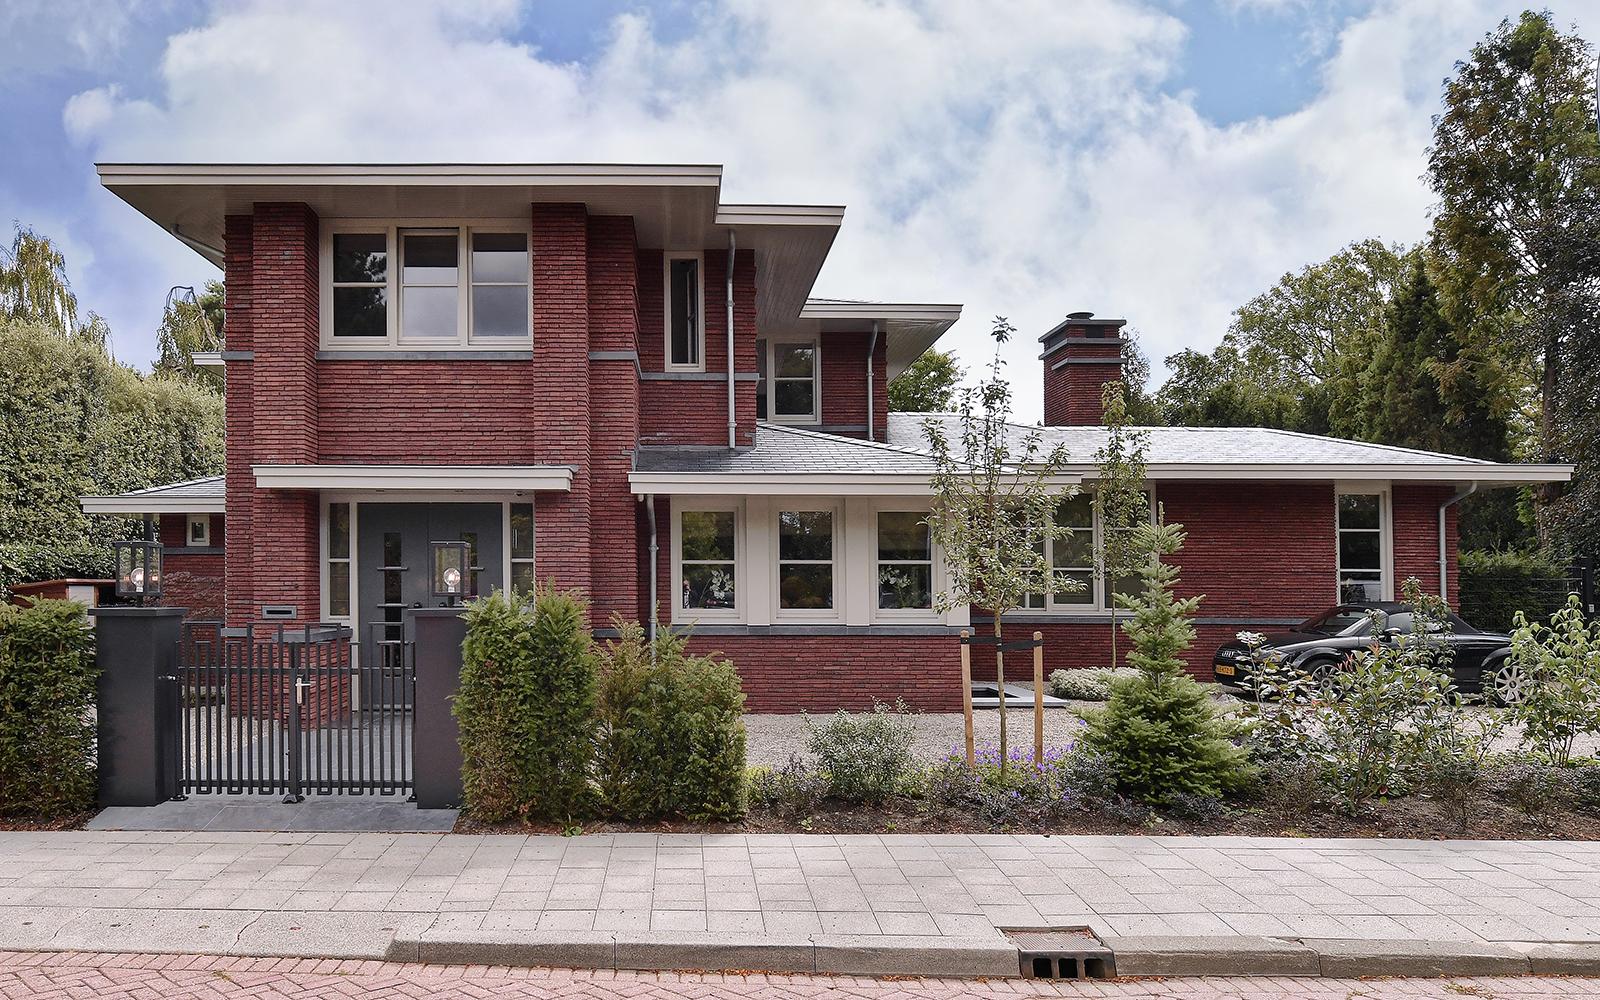 Stoere villa, Van der Padt & Partners Architecten, Exterieur, Jaren '30 stijl